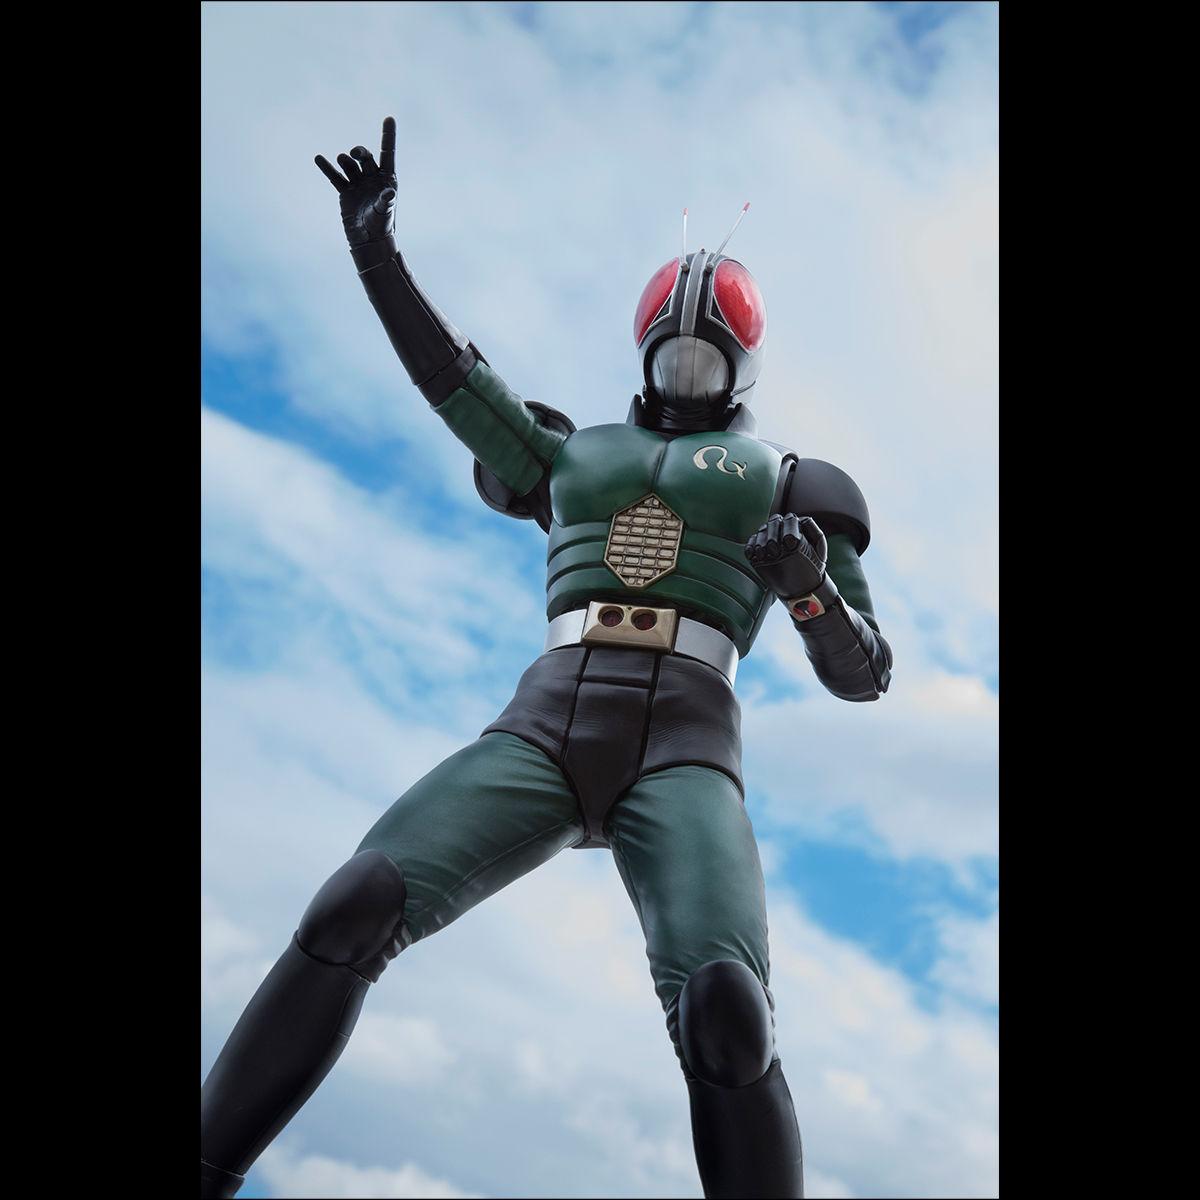 【限定販売】Ultimate Article『仮面ライダーBLACK RX』完成品フィギュア-009